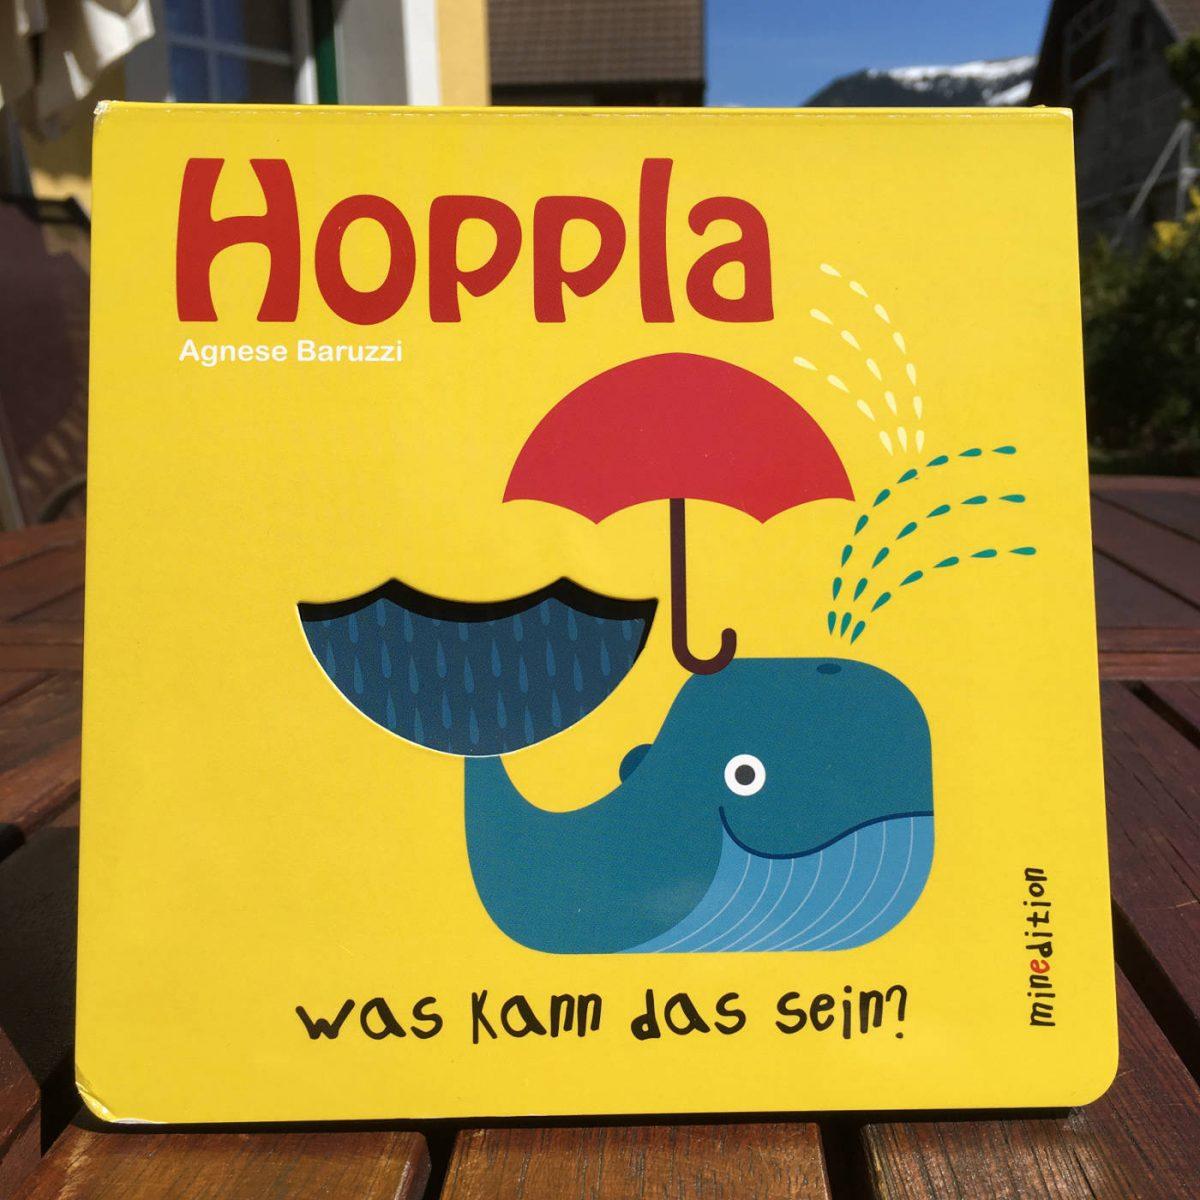 Agnese Baruzzi: Hoppla, was kann das sein?